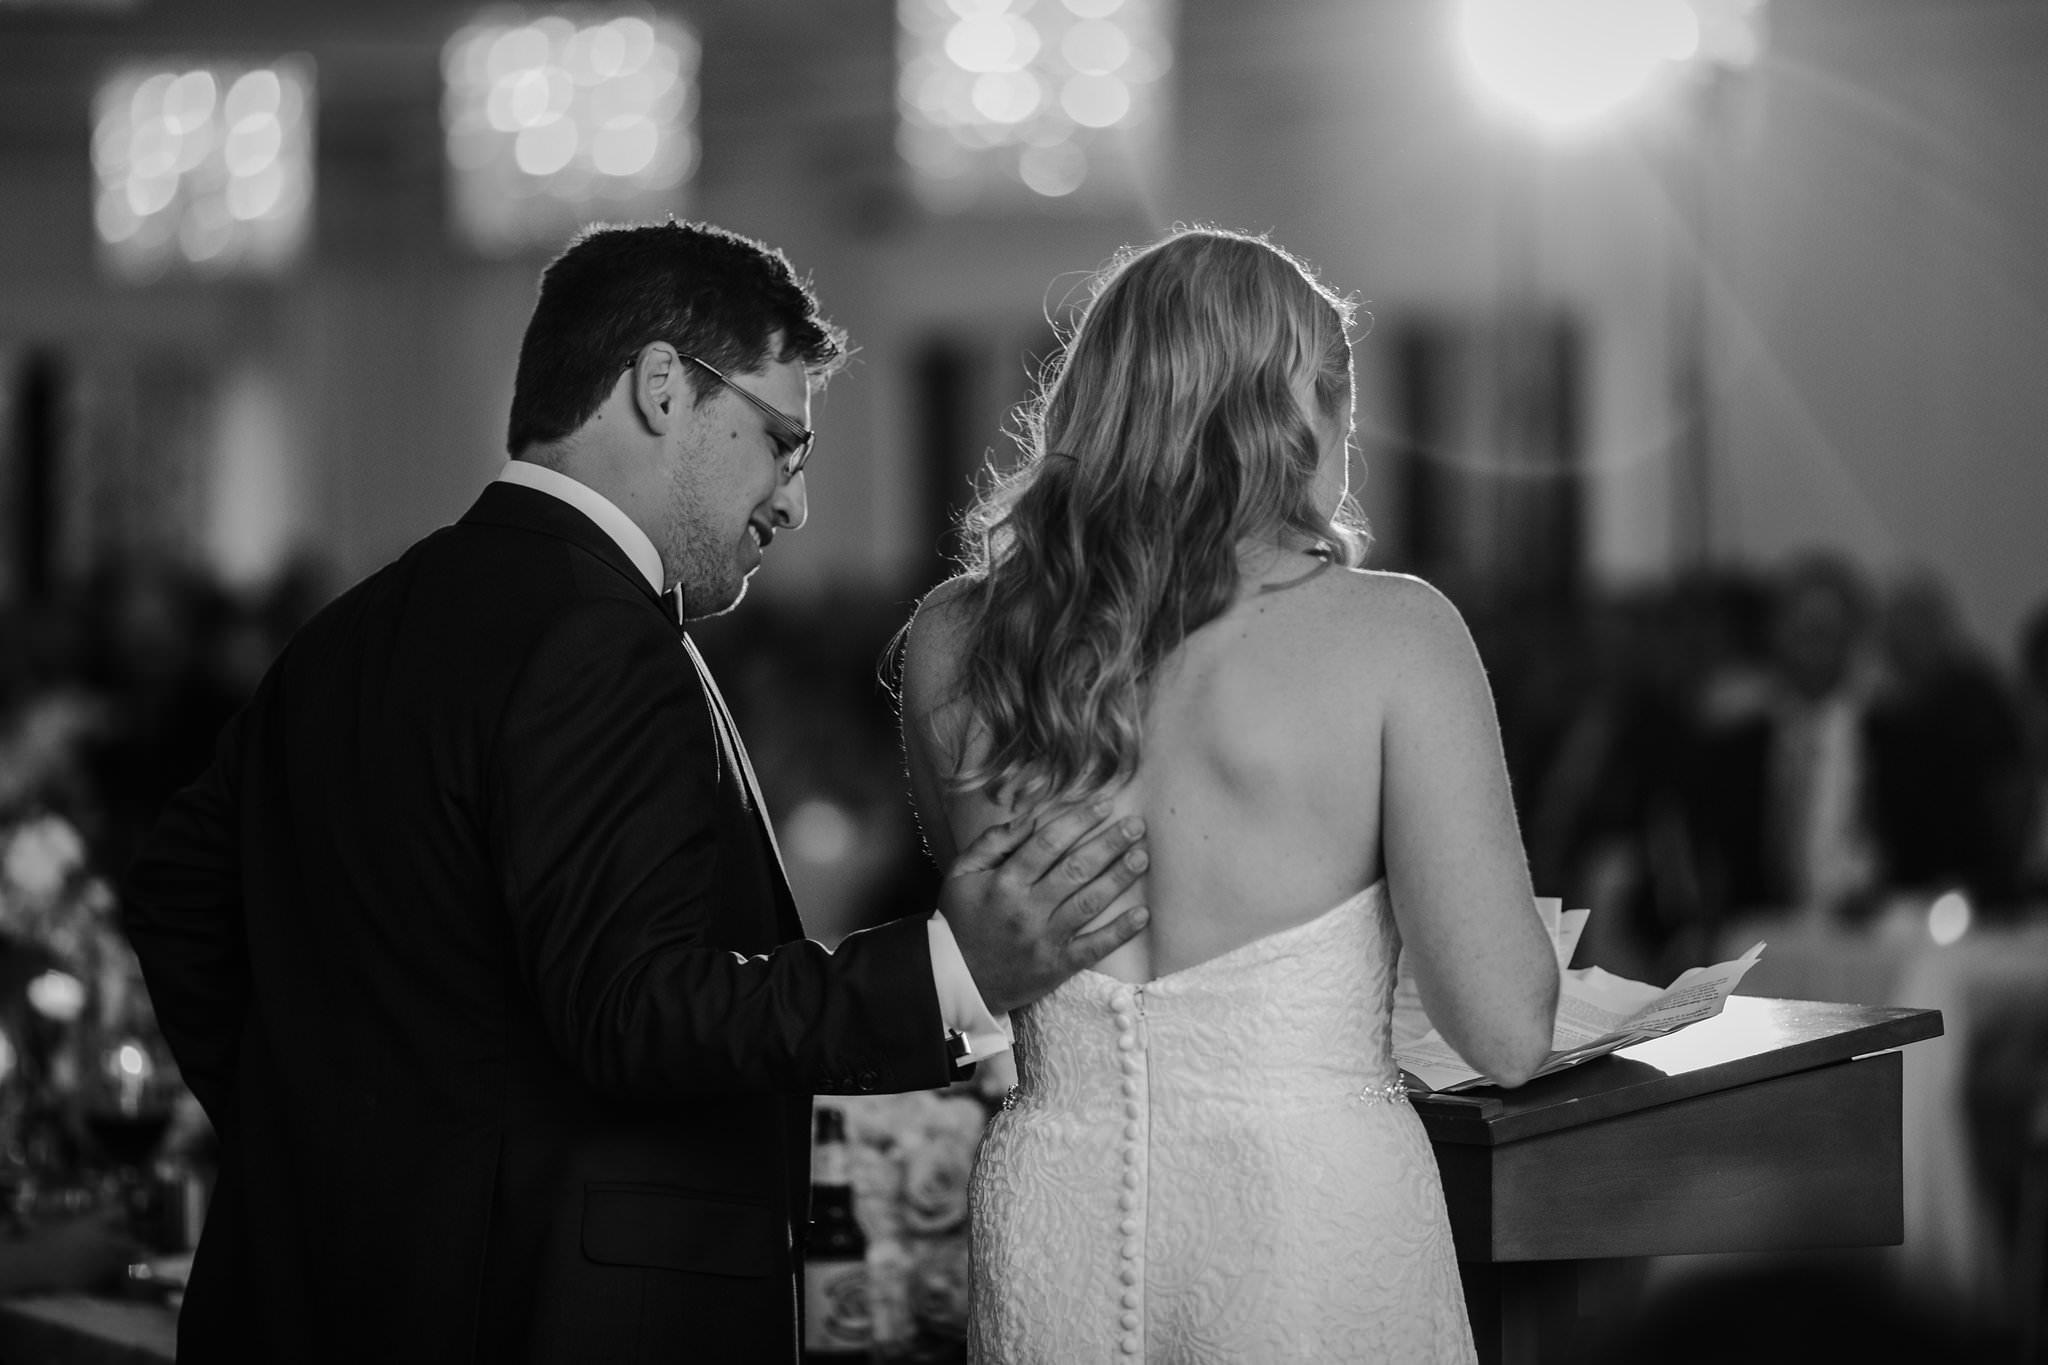 whistlebearweddingphotos 784 - Whistle Bear Wedding Photos